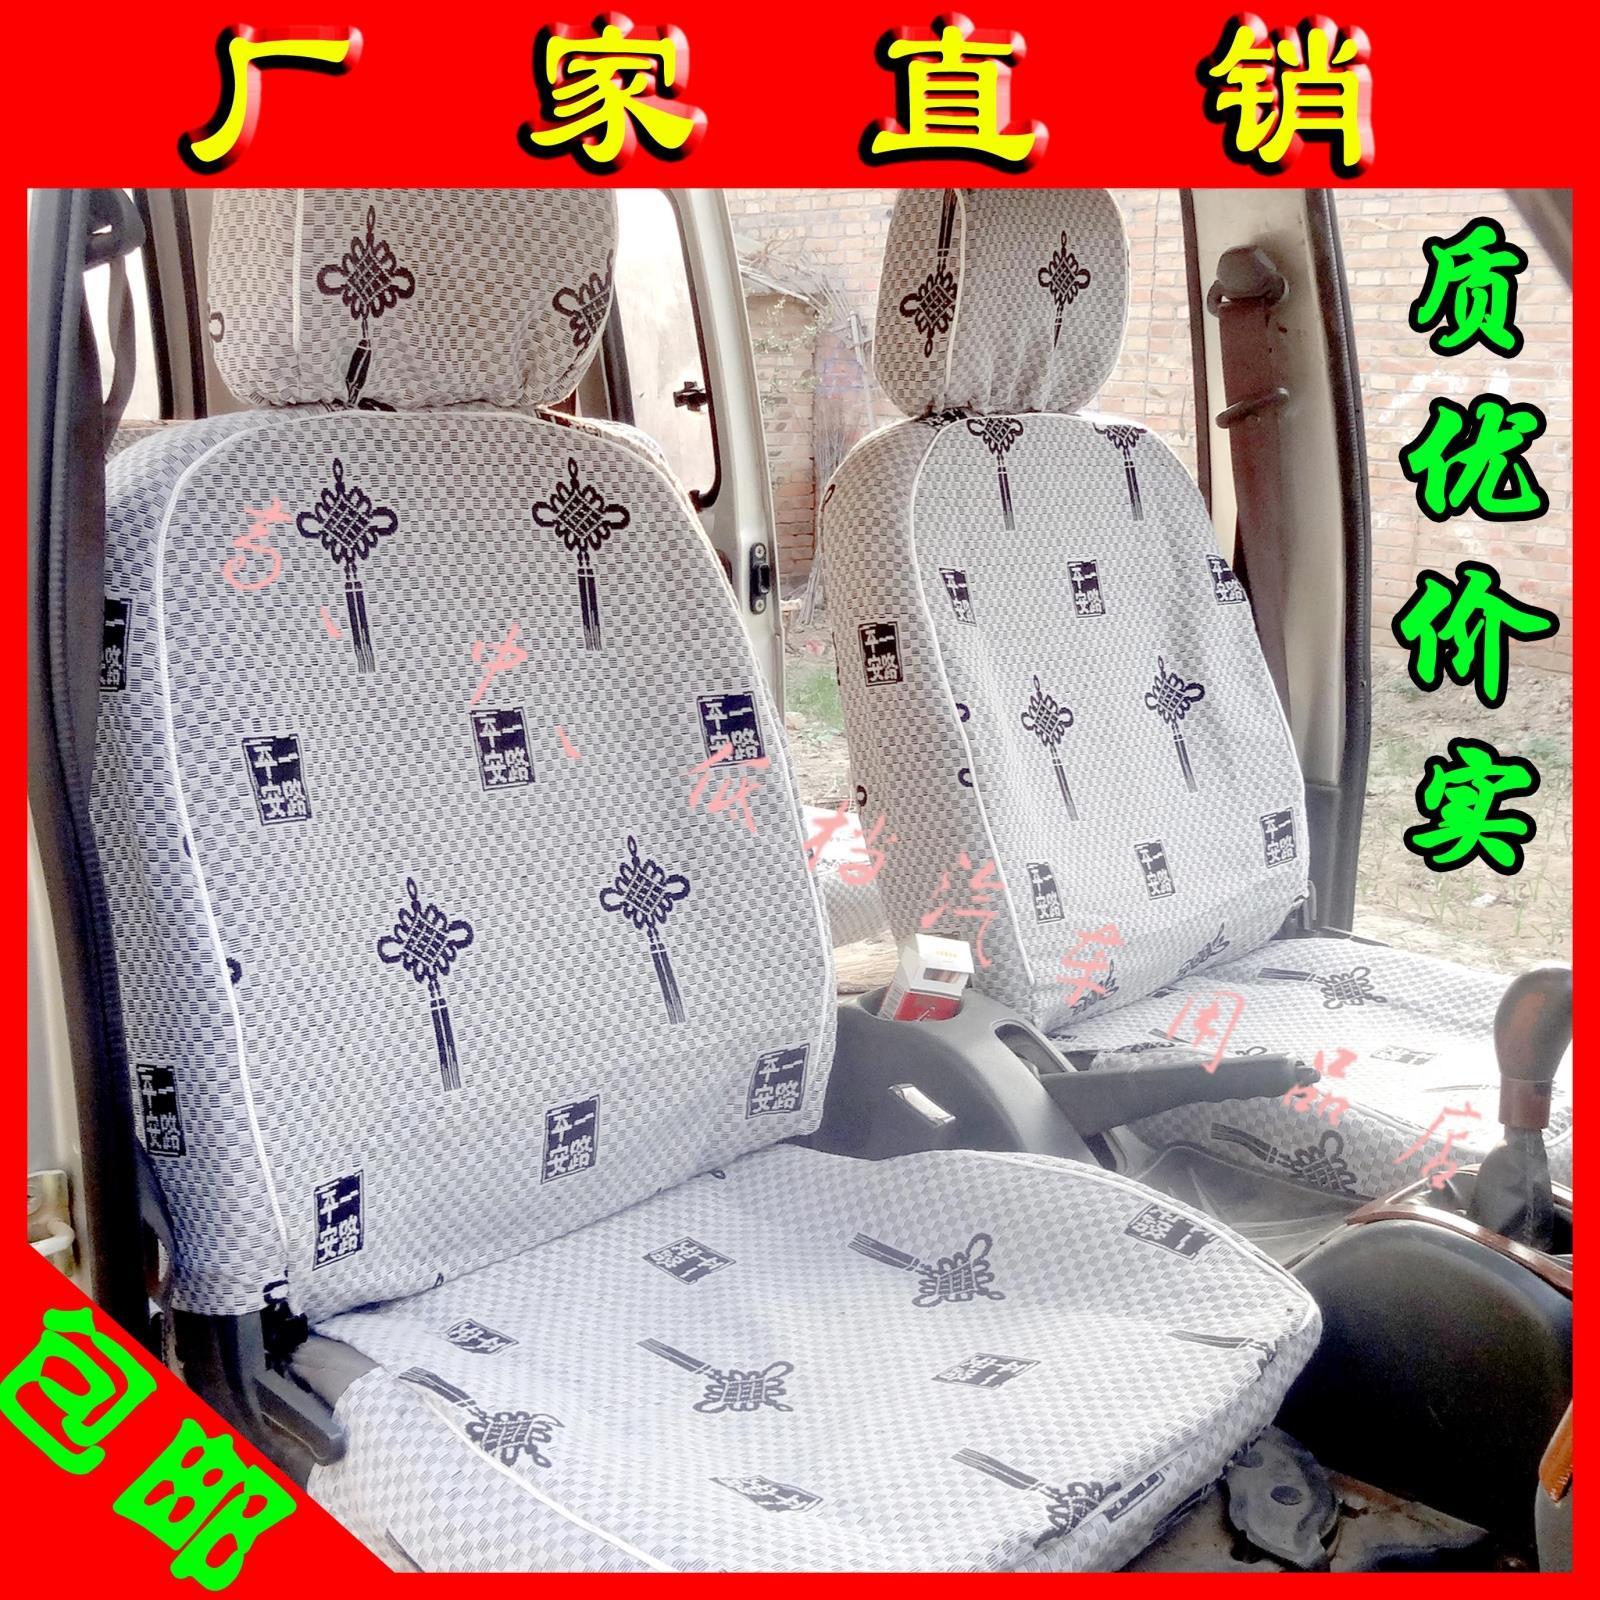 哈飞民意中意小霸王海马福仕达五菱宏光S面包车专用座套四季坐垫